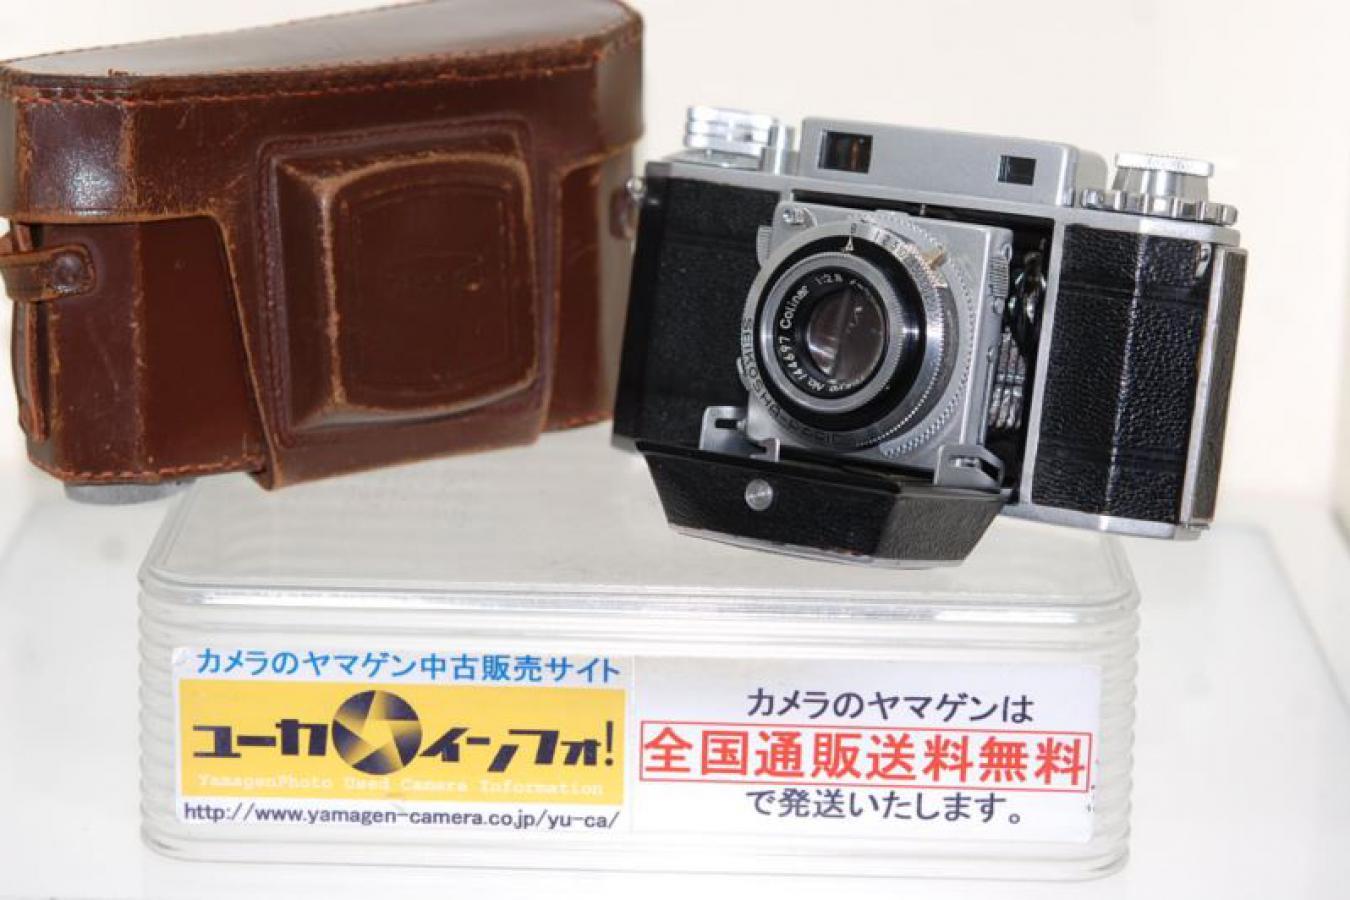 【コレクション向け】 アルコ写真工業 アルコ35 S-135-A 純正ケース付 【コリナー5cm F2.8レンズ搭載】